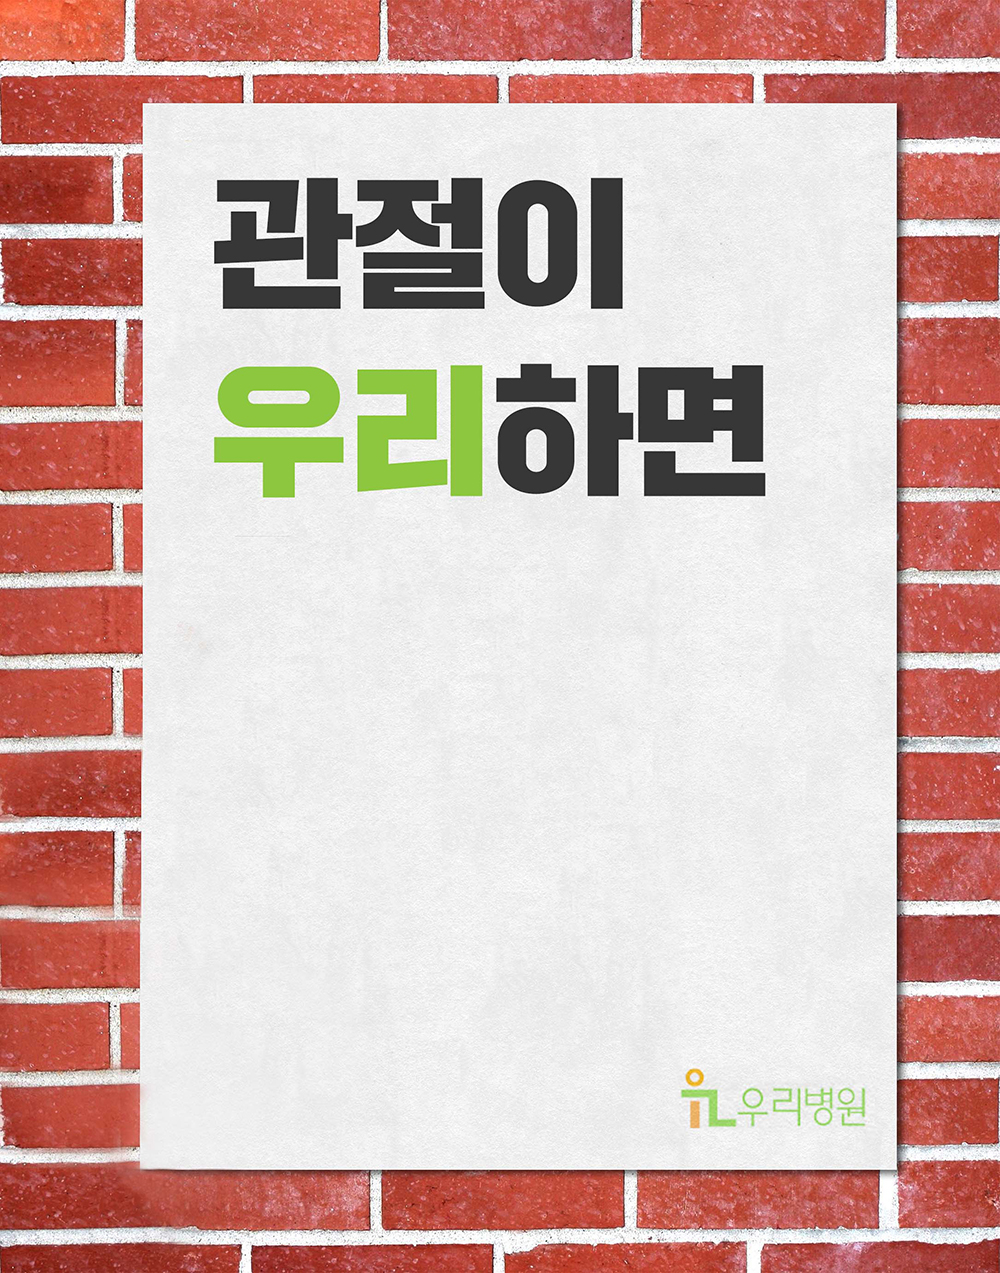 관절병원광고_빅아이디어연구소